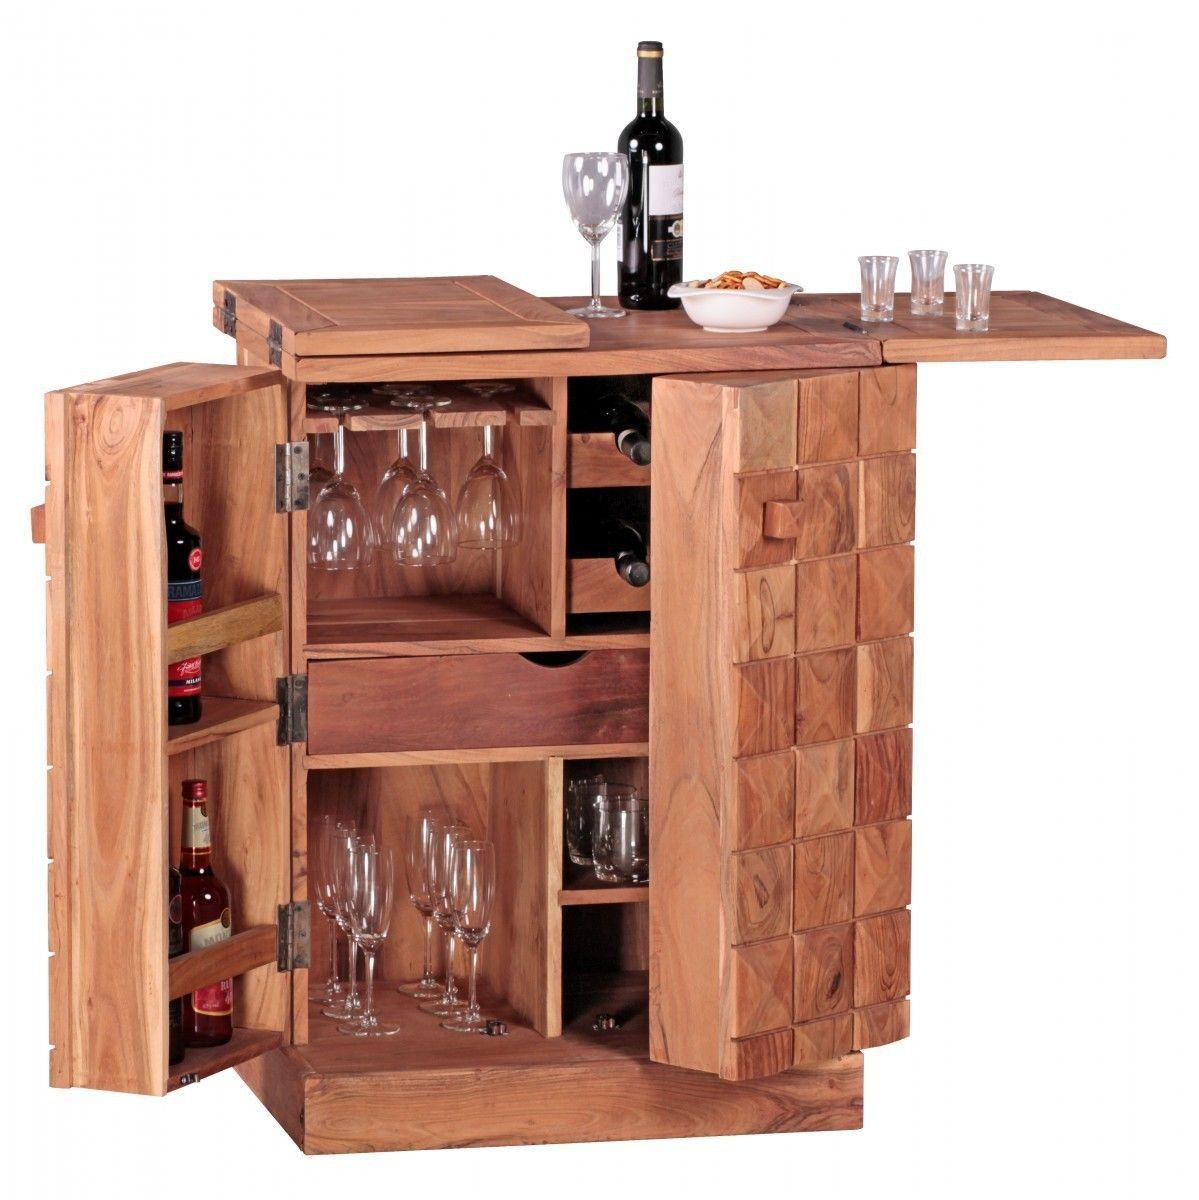 WOHNLING Hausbar Massivholz Akazie Weinbar ausklappbar